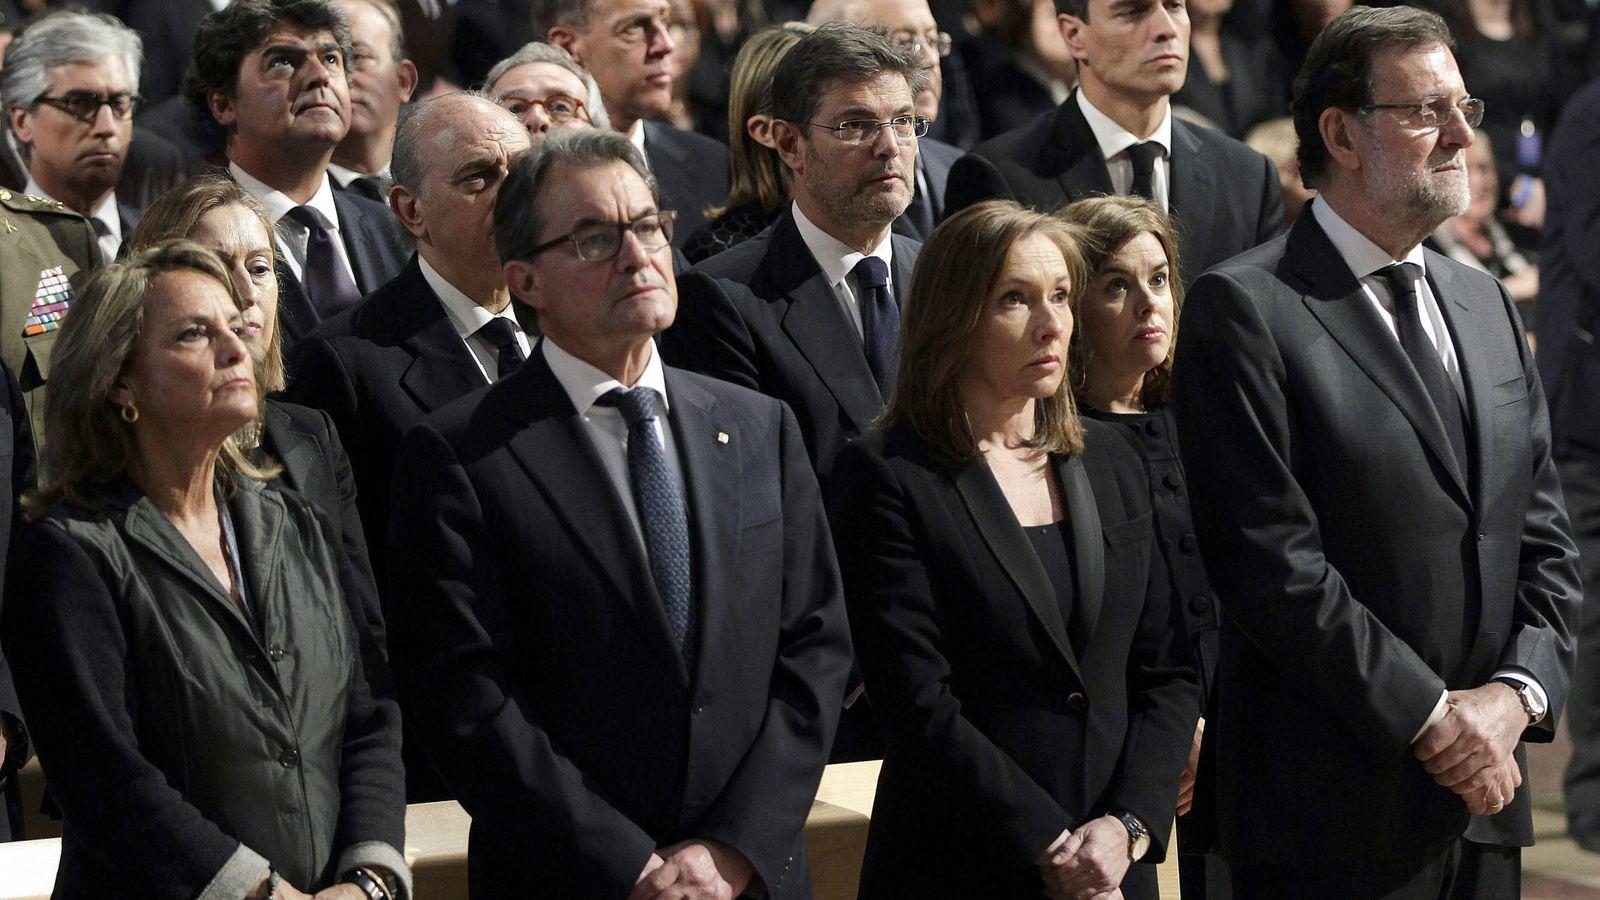 Foto: Mariano Rajoy y Elvira Fernández, en el funeral por las víctimas de los atentados de Barcelona. Detrás, Soraya Sáenz de Santamaría, el ministro Catalá y Pedro Sánchez. (Getty)